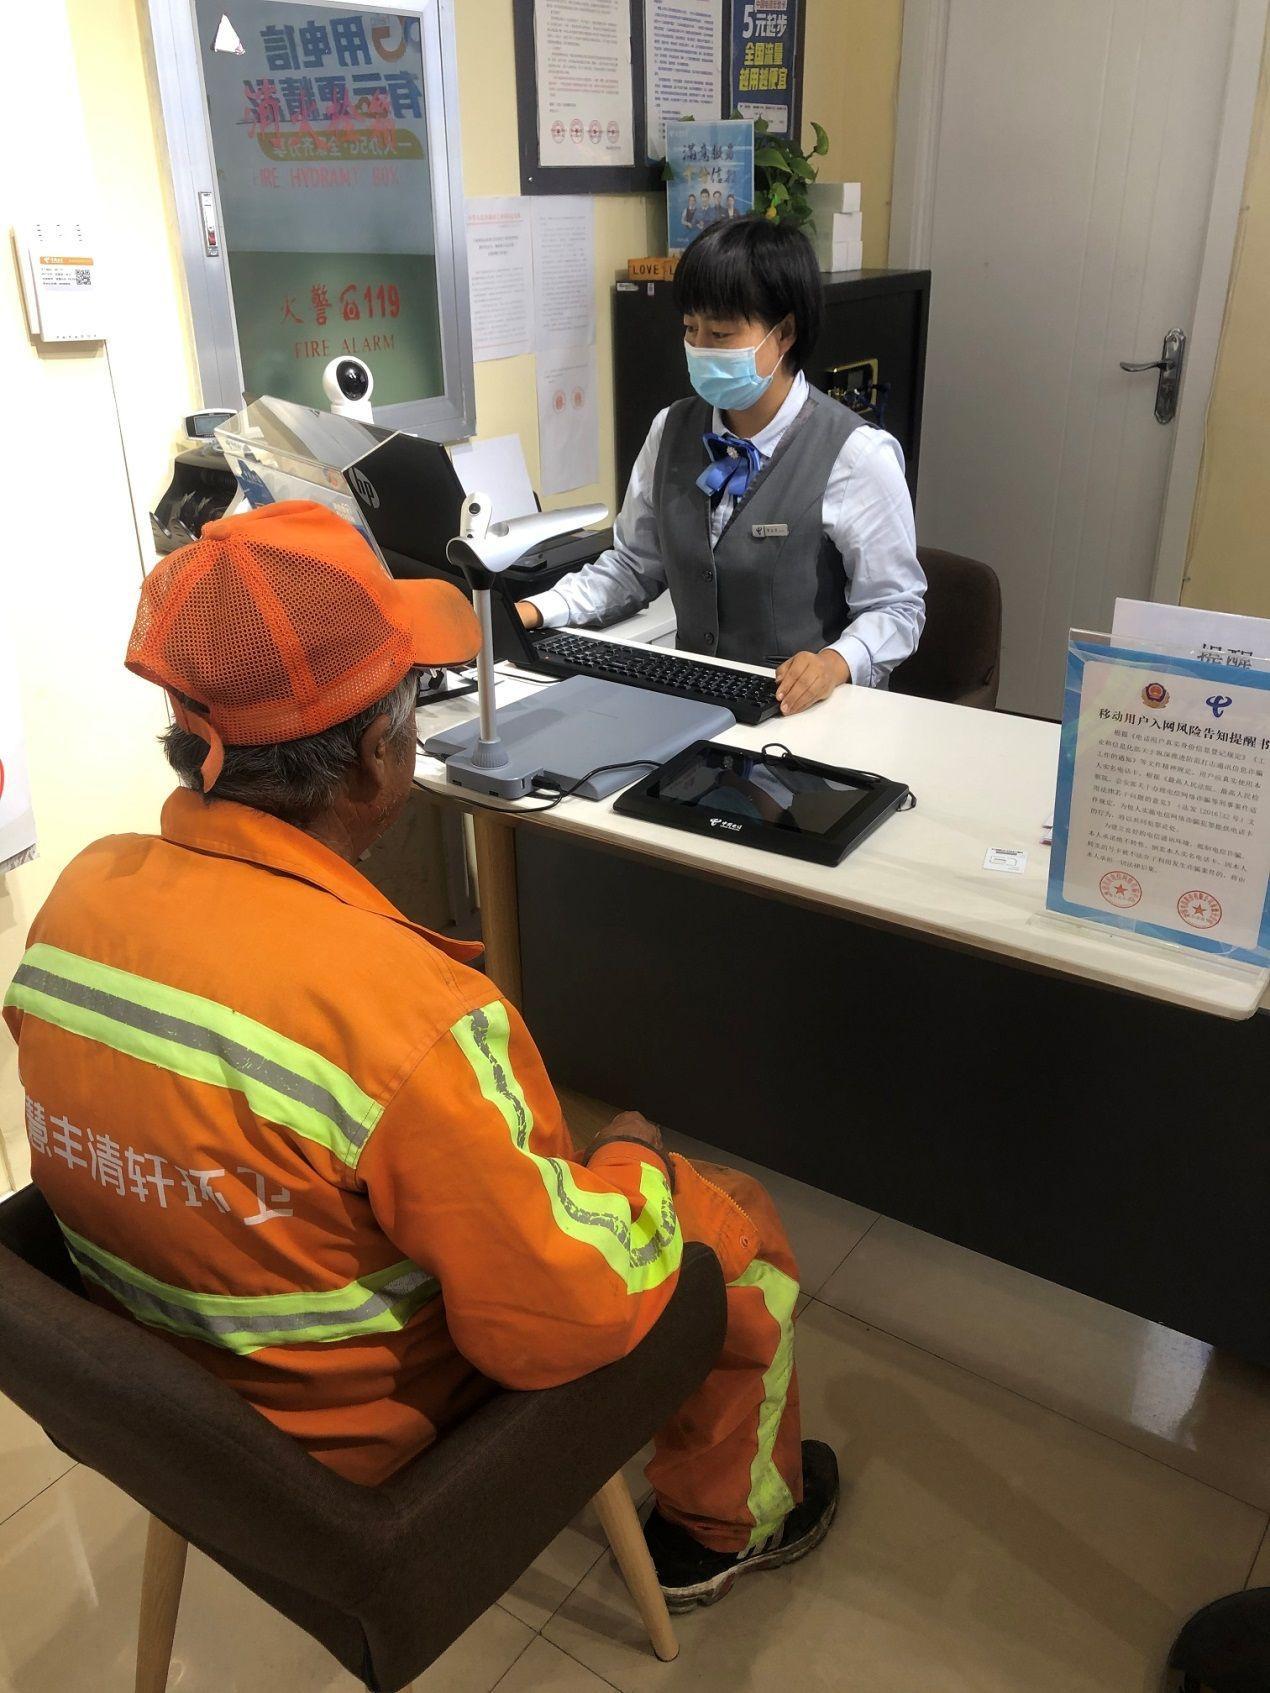 中国电信承德分公司营业员细心服务,帮助老人解难题